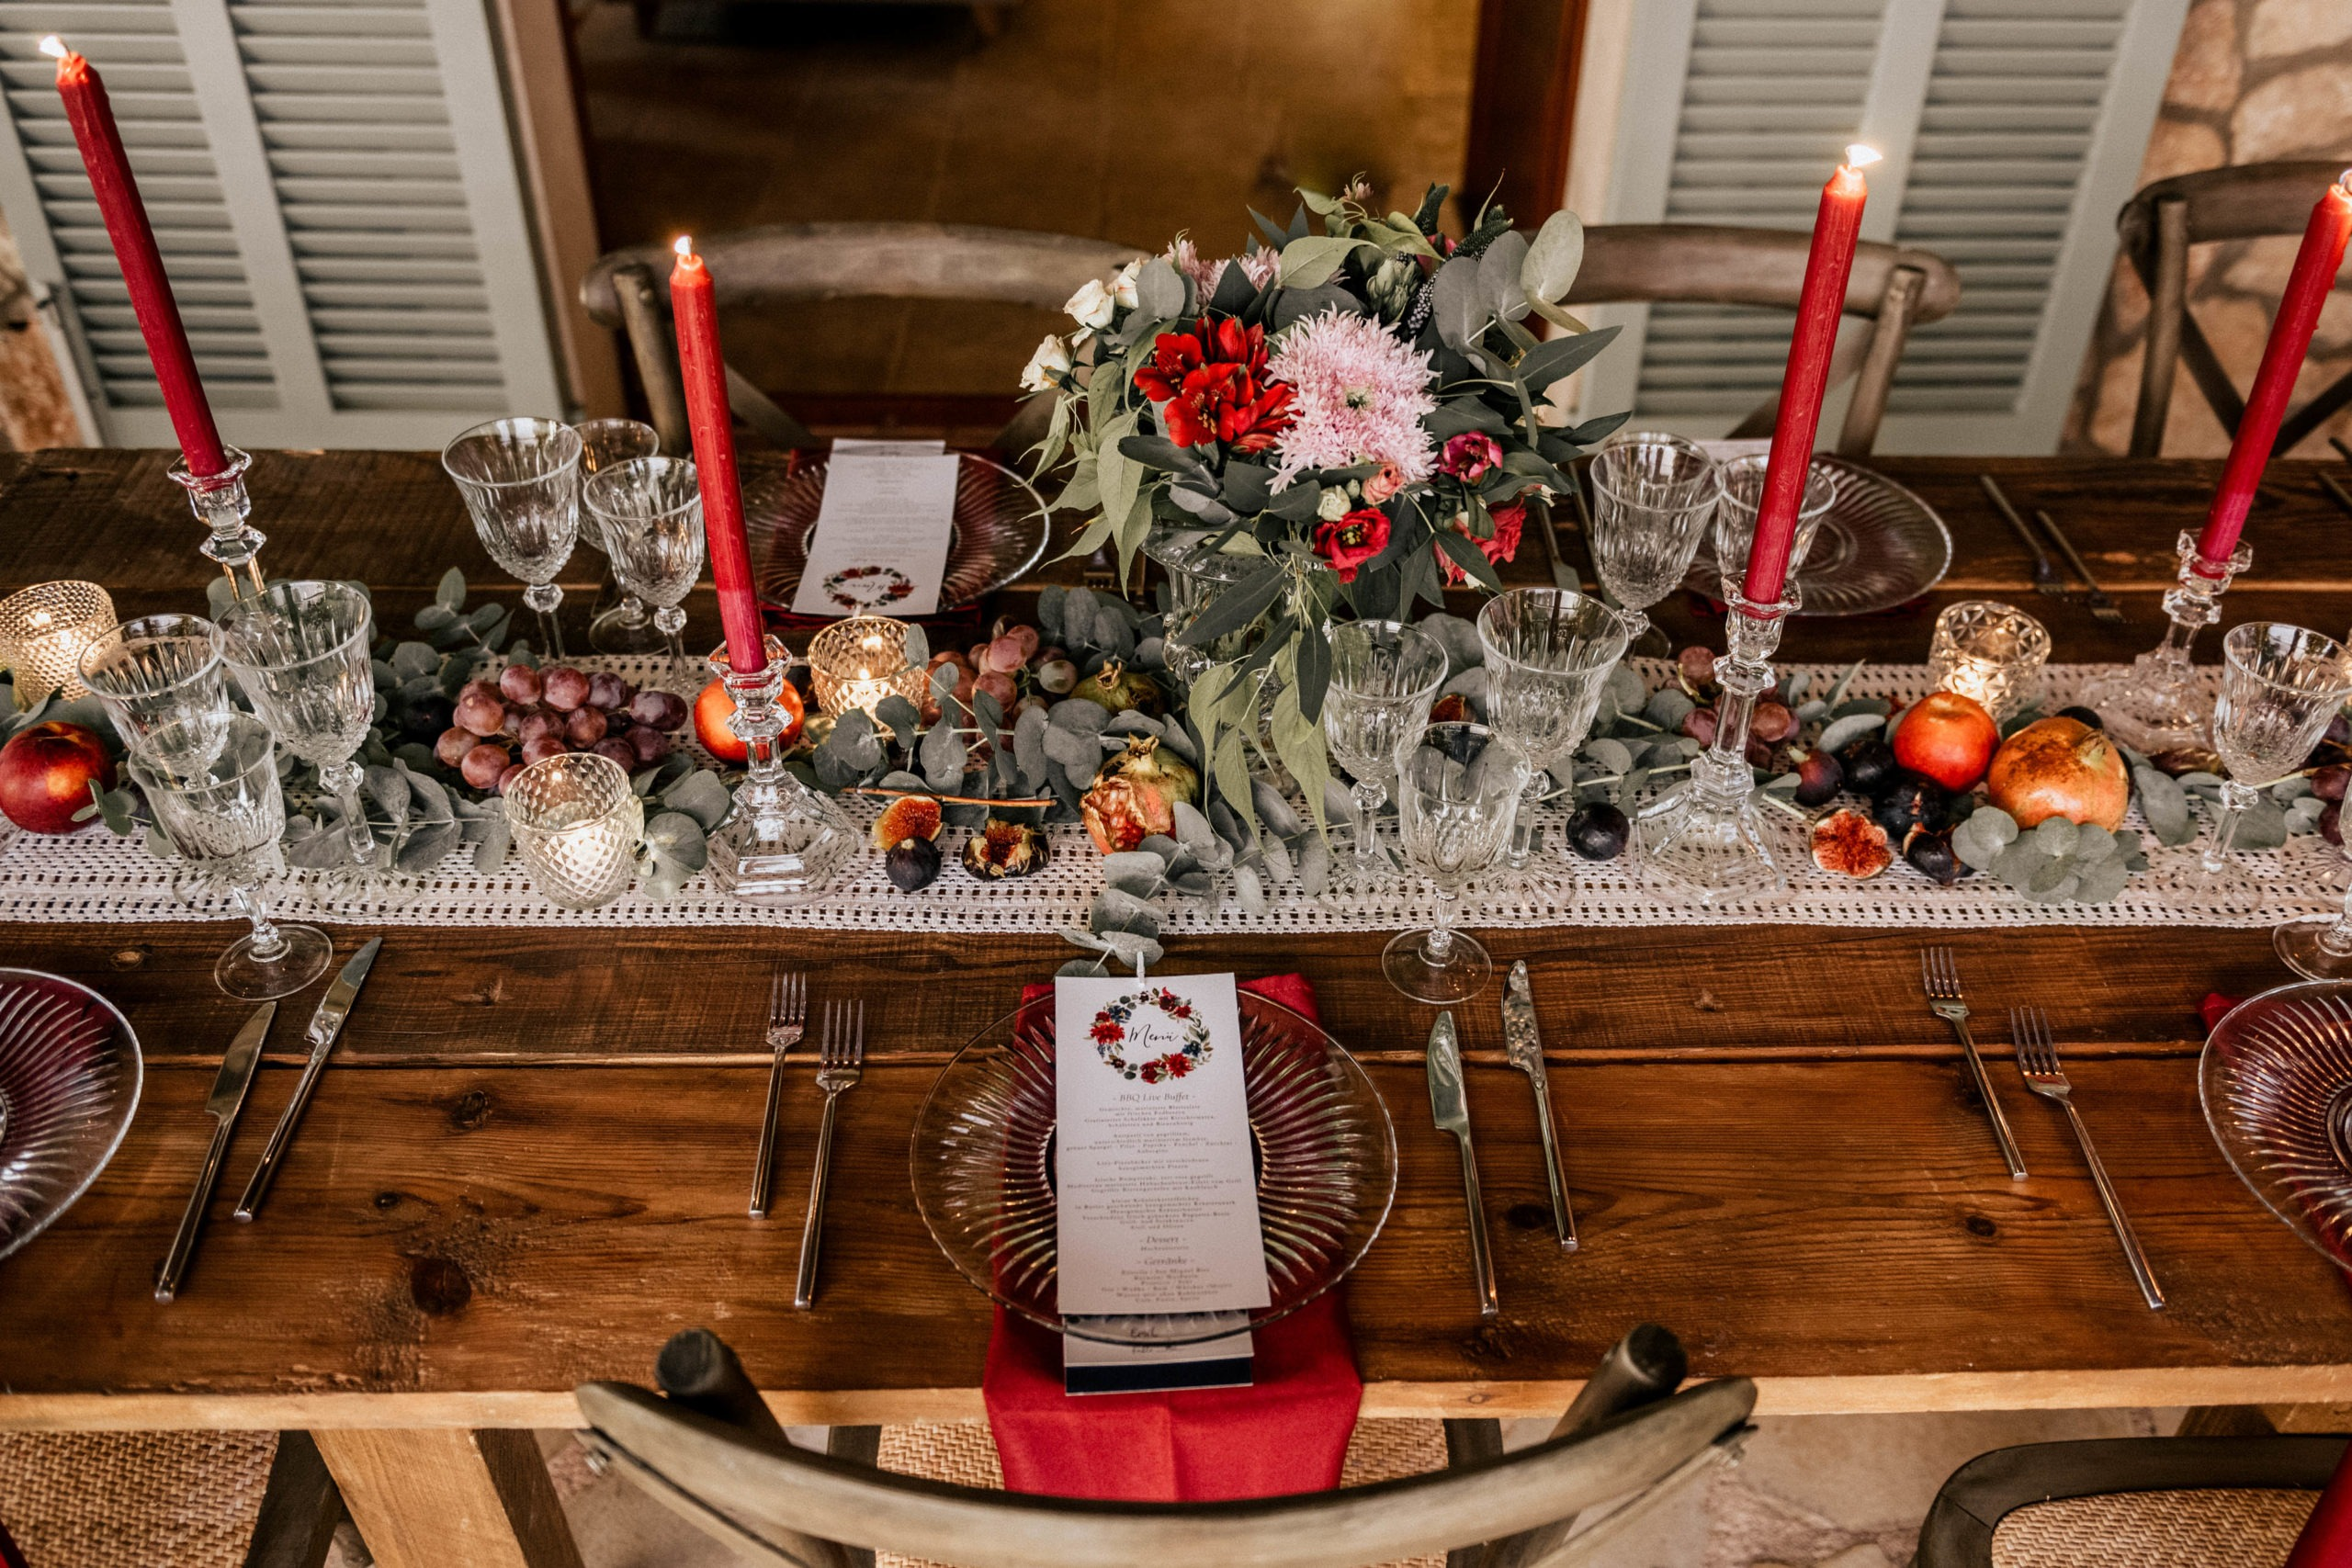 Wedding Planner: Agentur Traumhochzeit Decor : Benni John. H&M: Venera Wirth Catering: Matthias Gerlach Catering